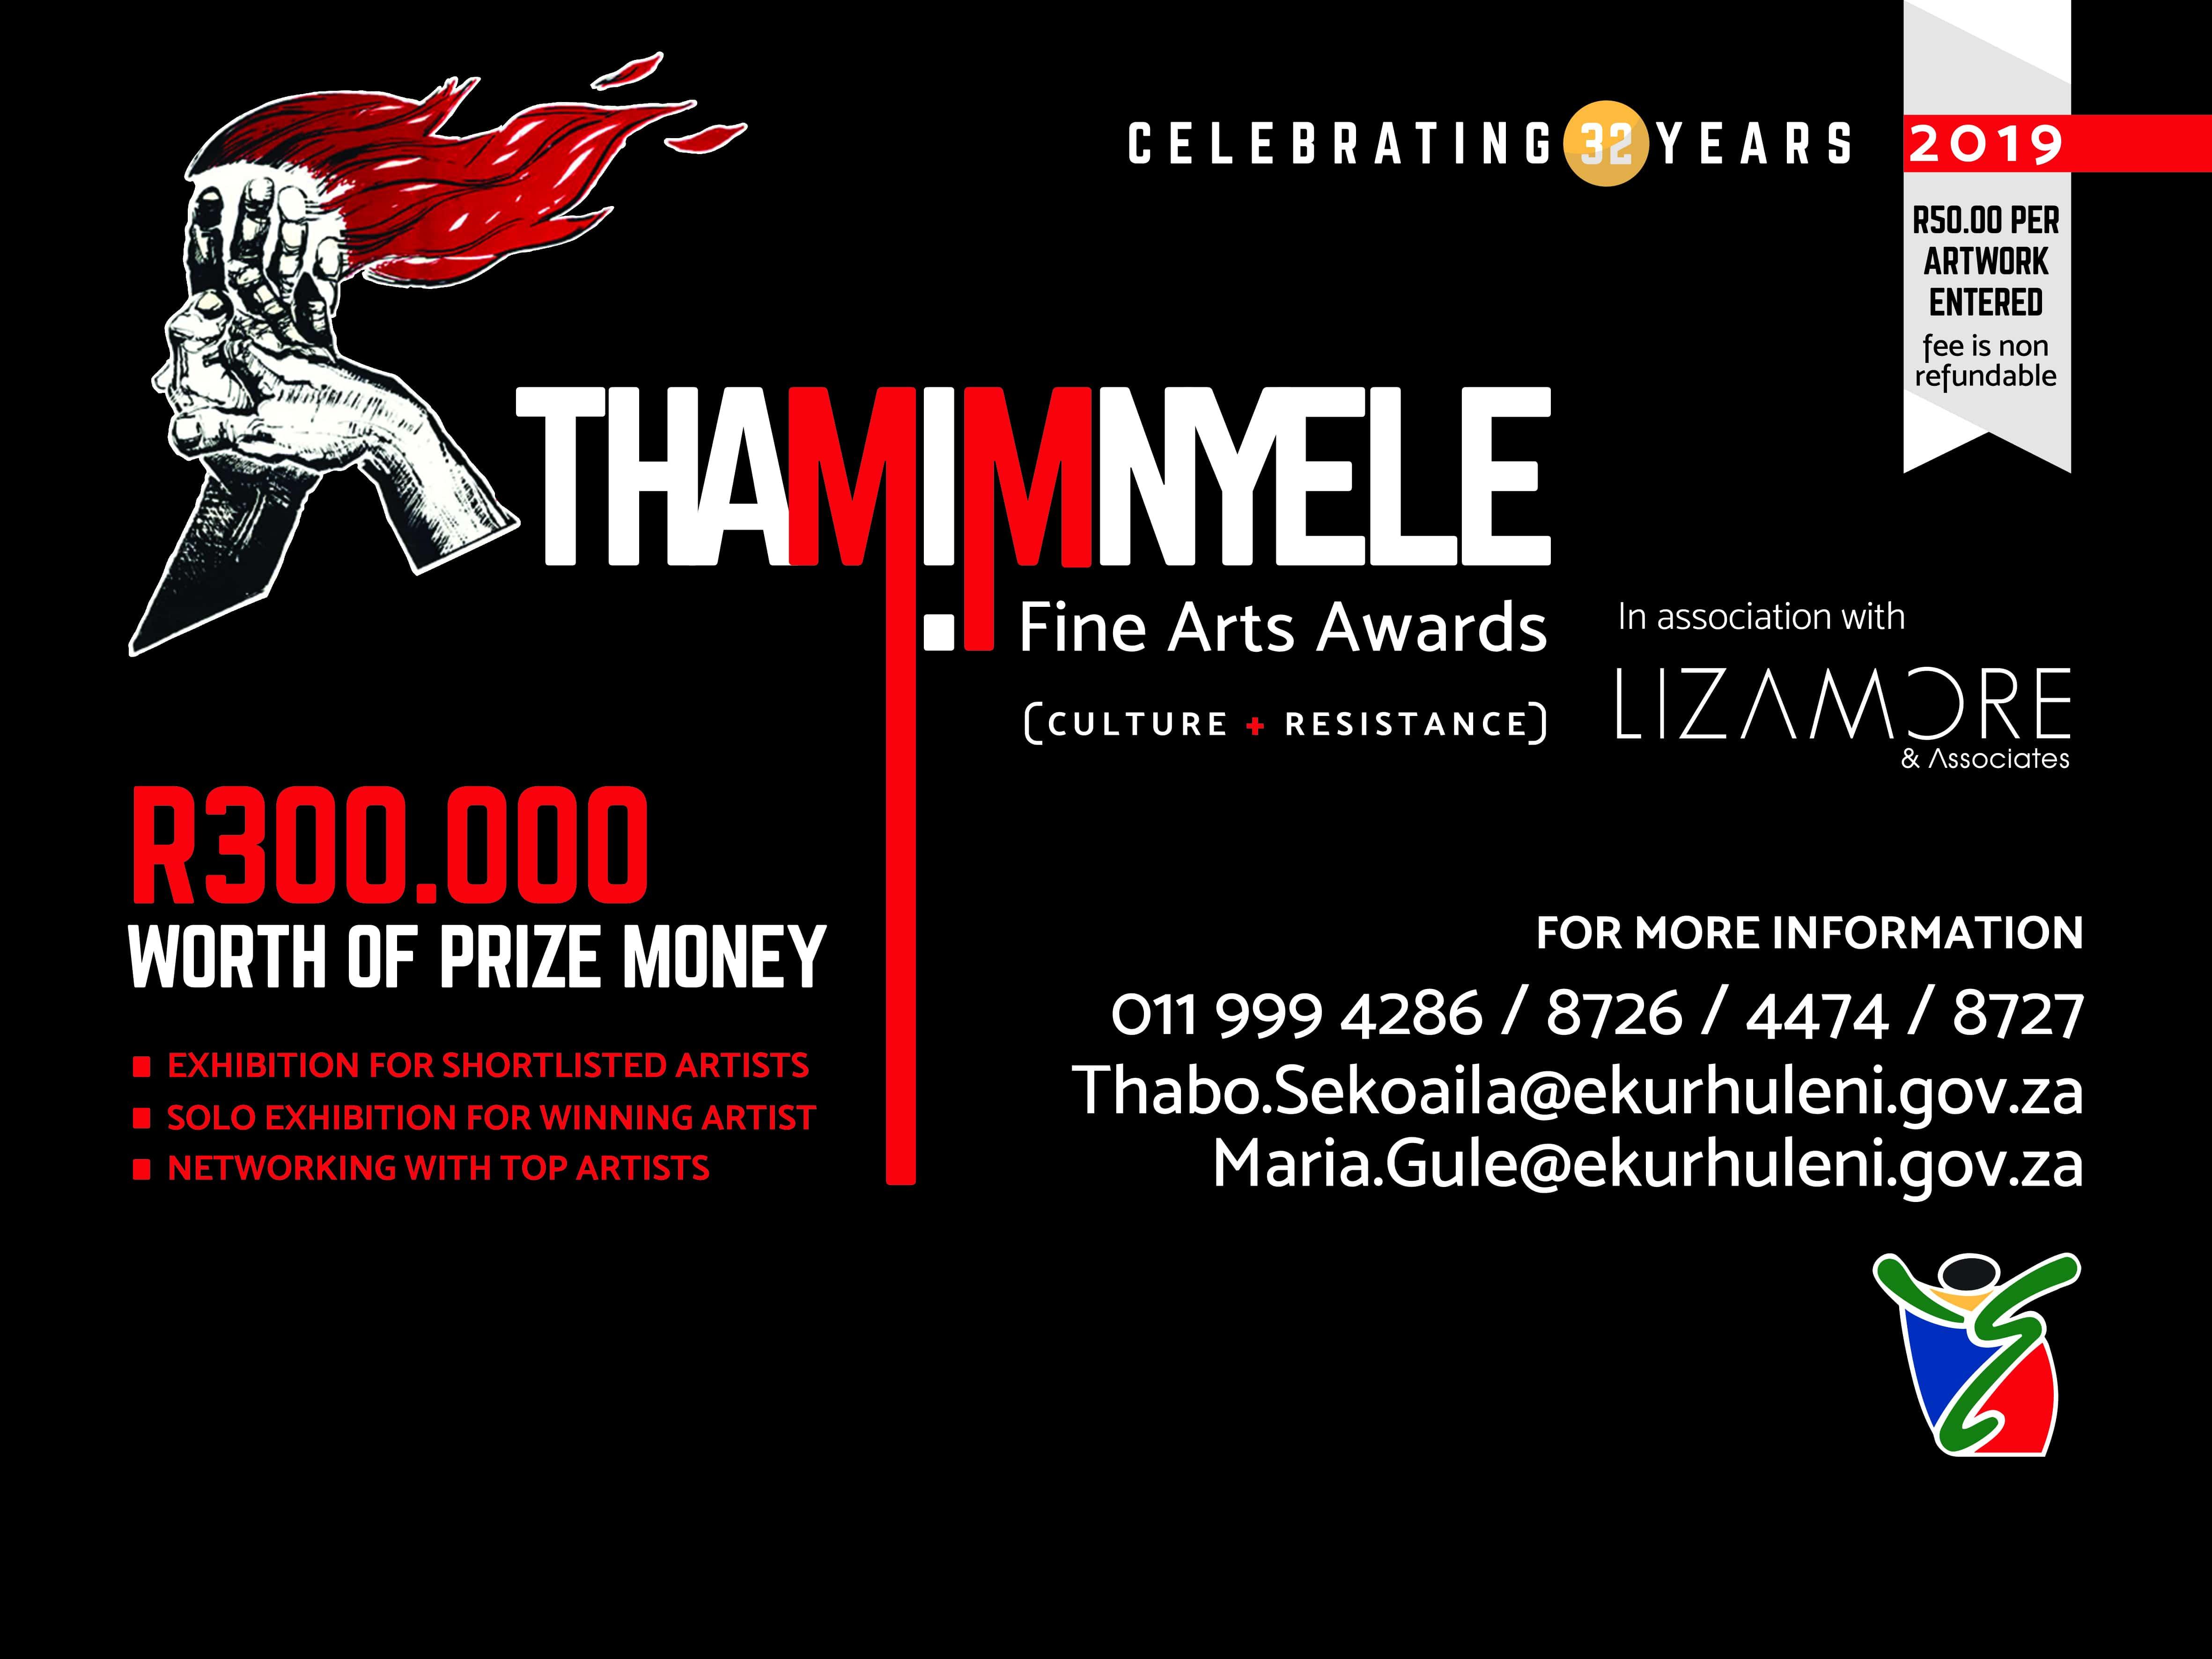 2019 THAMI MNYELE FINE ARTS AWARDS - VANSA